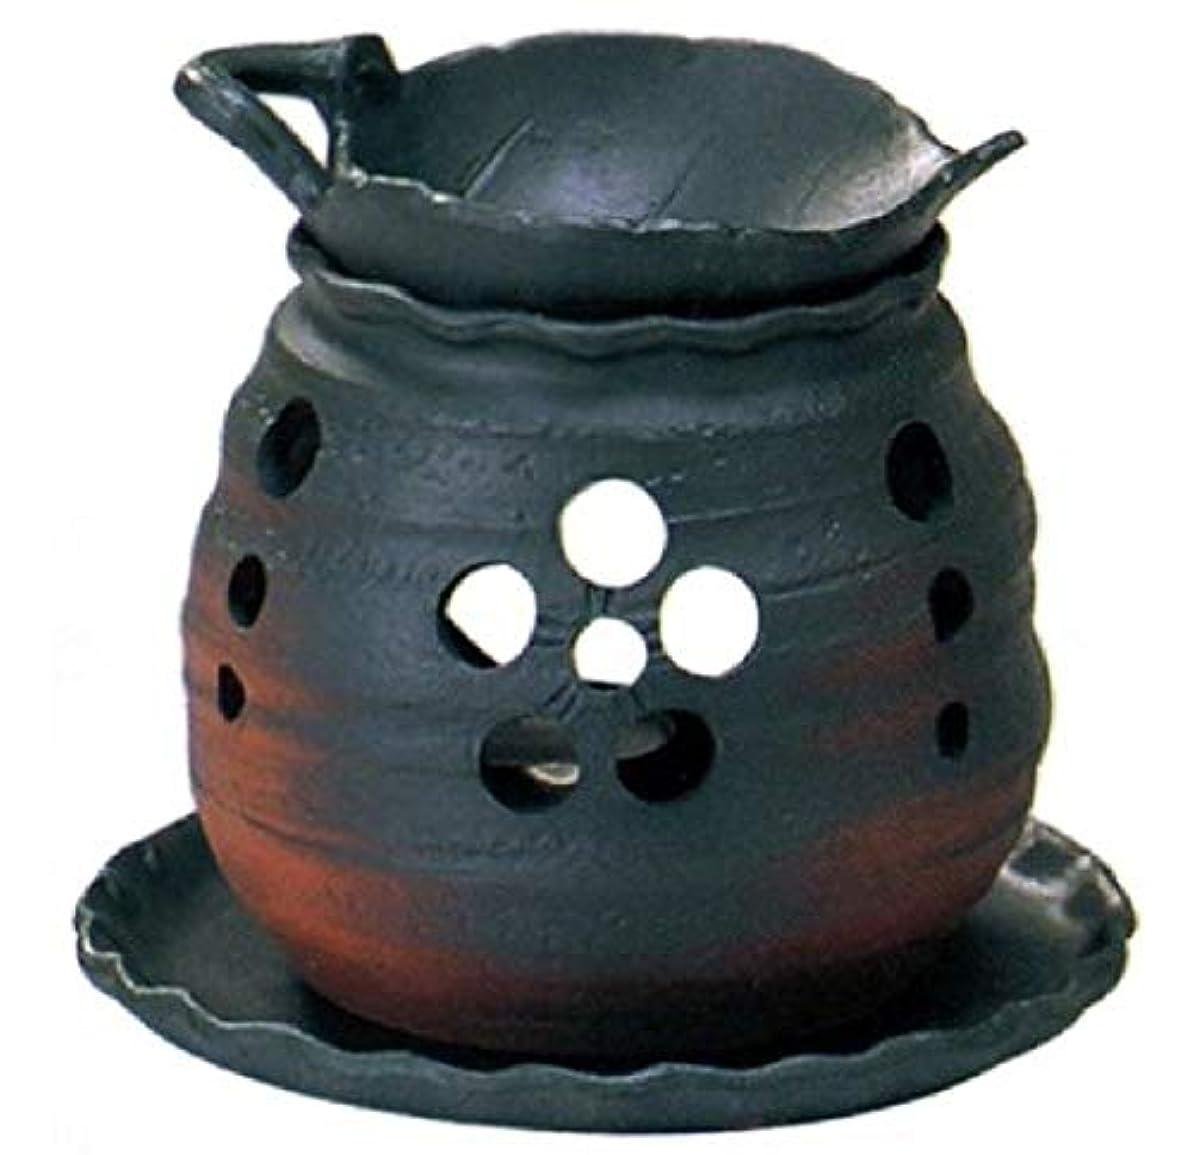 かろうじて影見つけた常滑焼 創器 ゆとり 茶香炉 径:13.2cm 高さ:11.5cm 木の葉の皿付 サ39-10